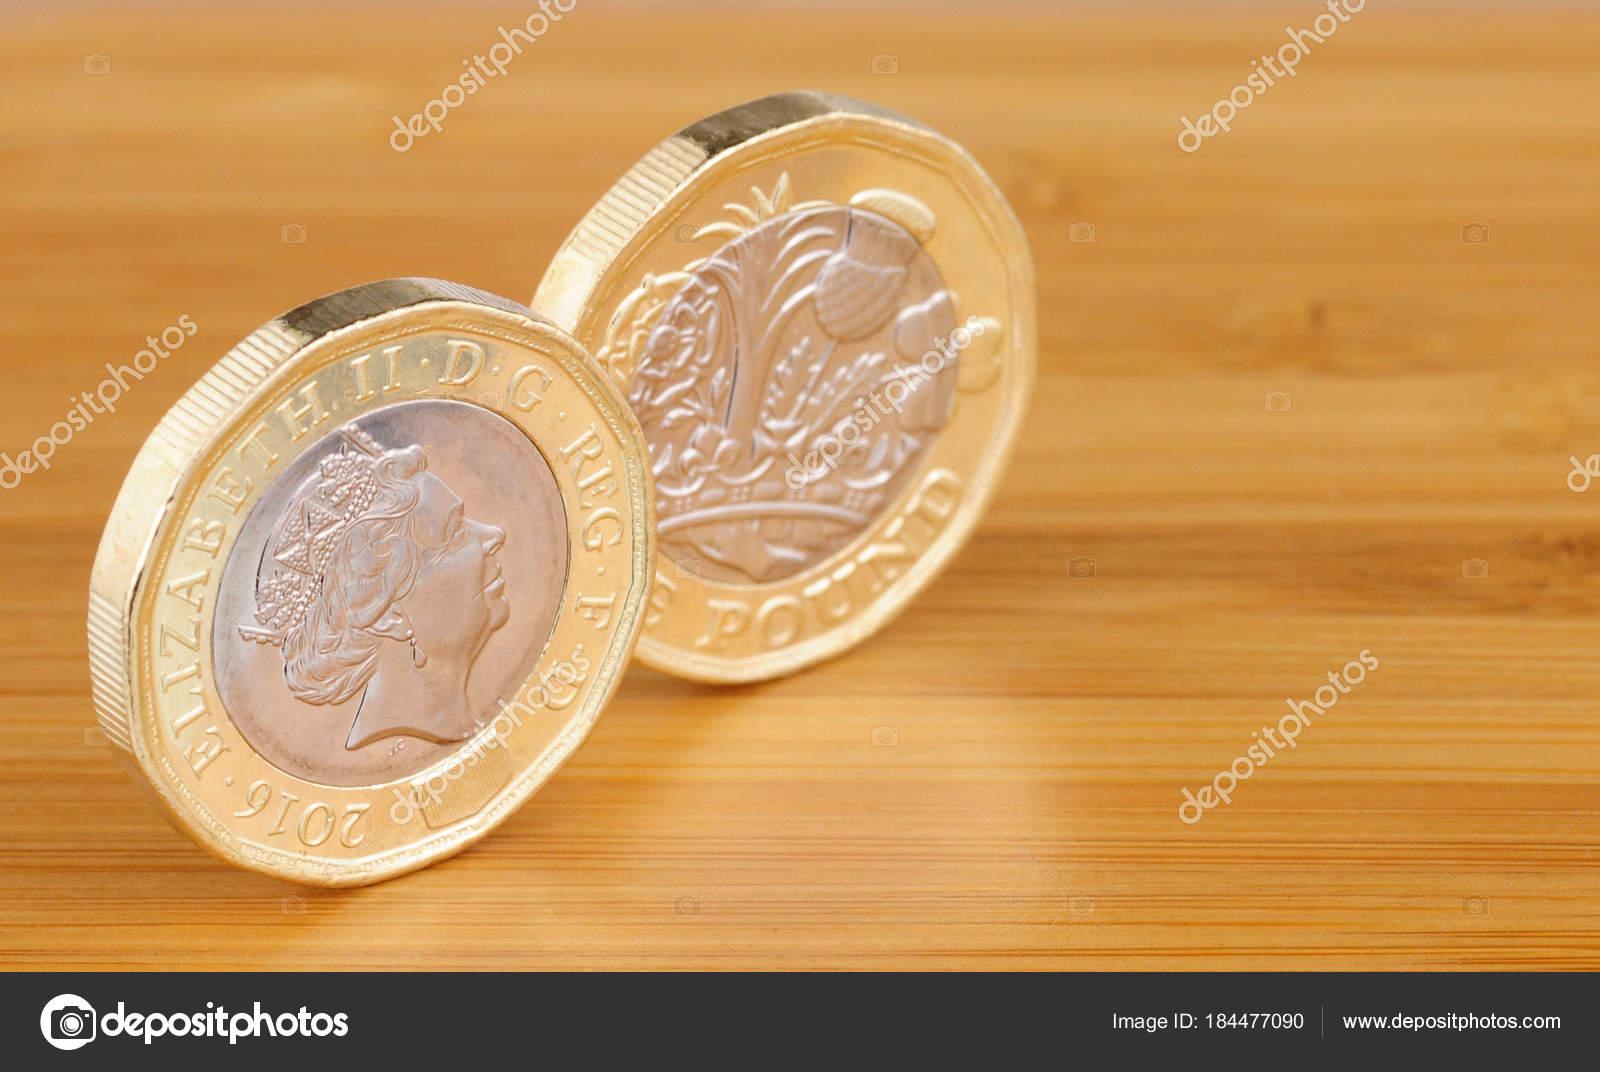 Zwei Neue Englische Ein Pfund Münzen Auf Einem Hölzernen Hintergrund